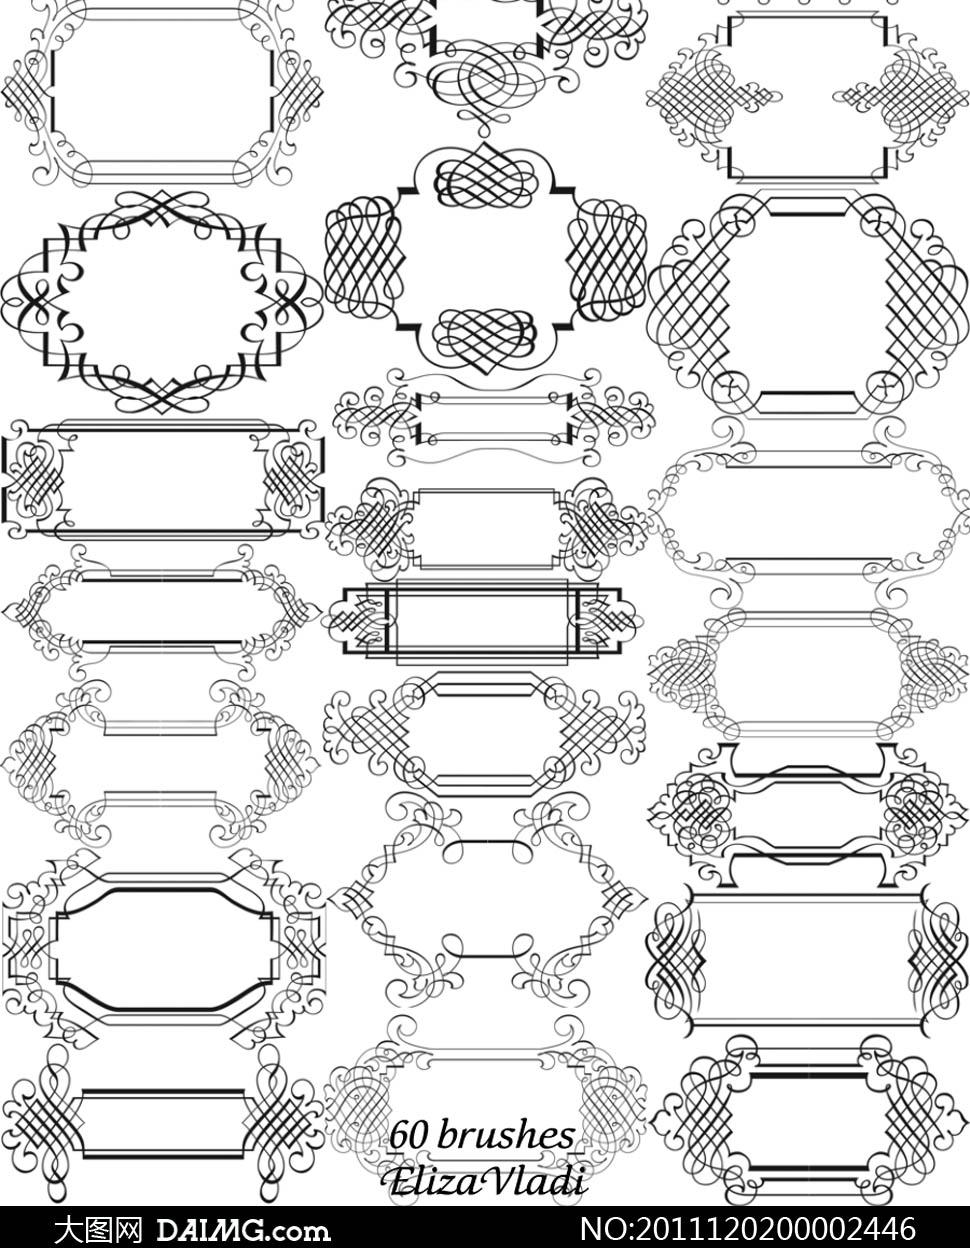 简单的手绘花纹边框图片 简单 - 动手网